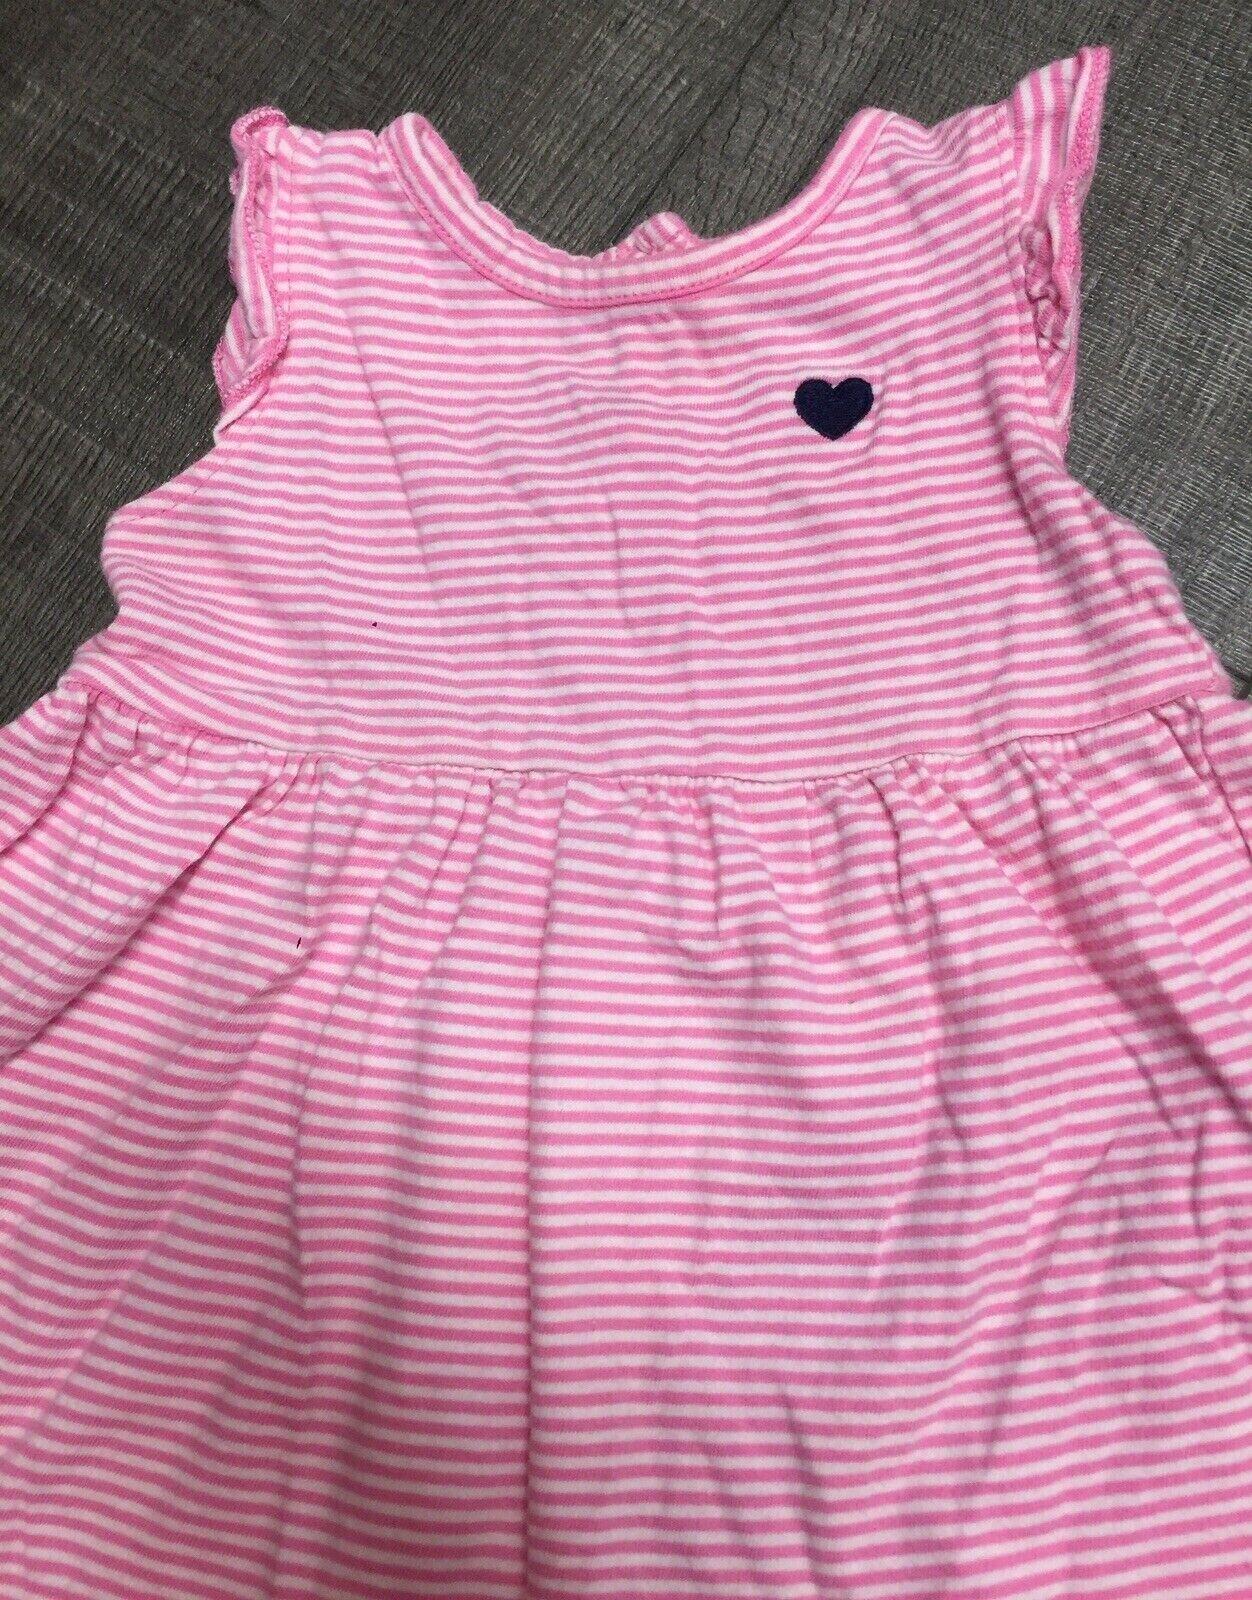 Baby Girls Summer Dress Top Trousers /& Matching Headband Summer Outfit Set 0-3 3-6 6-9 Months 7255